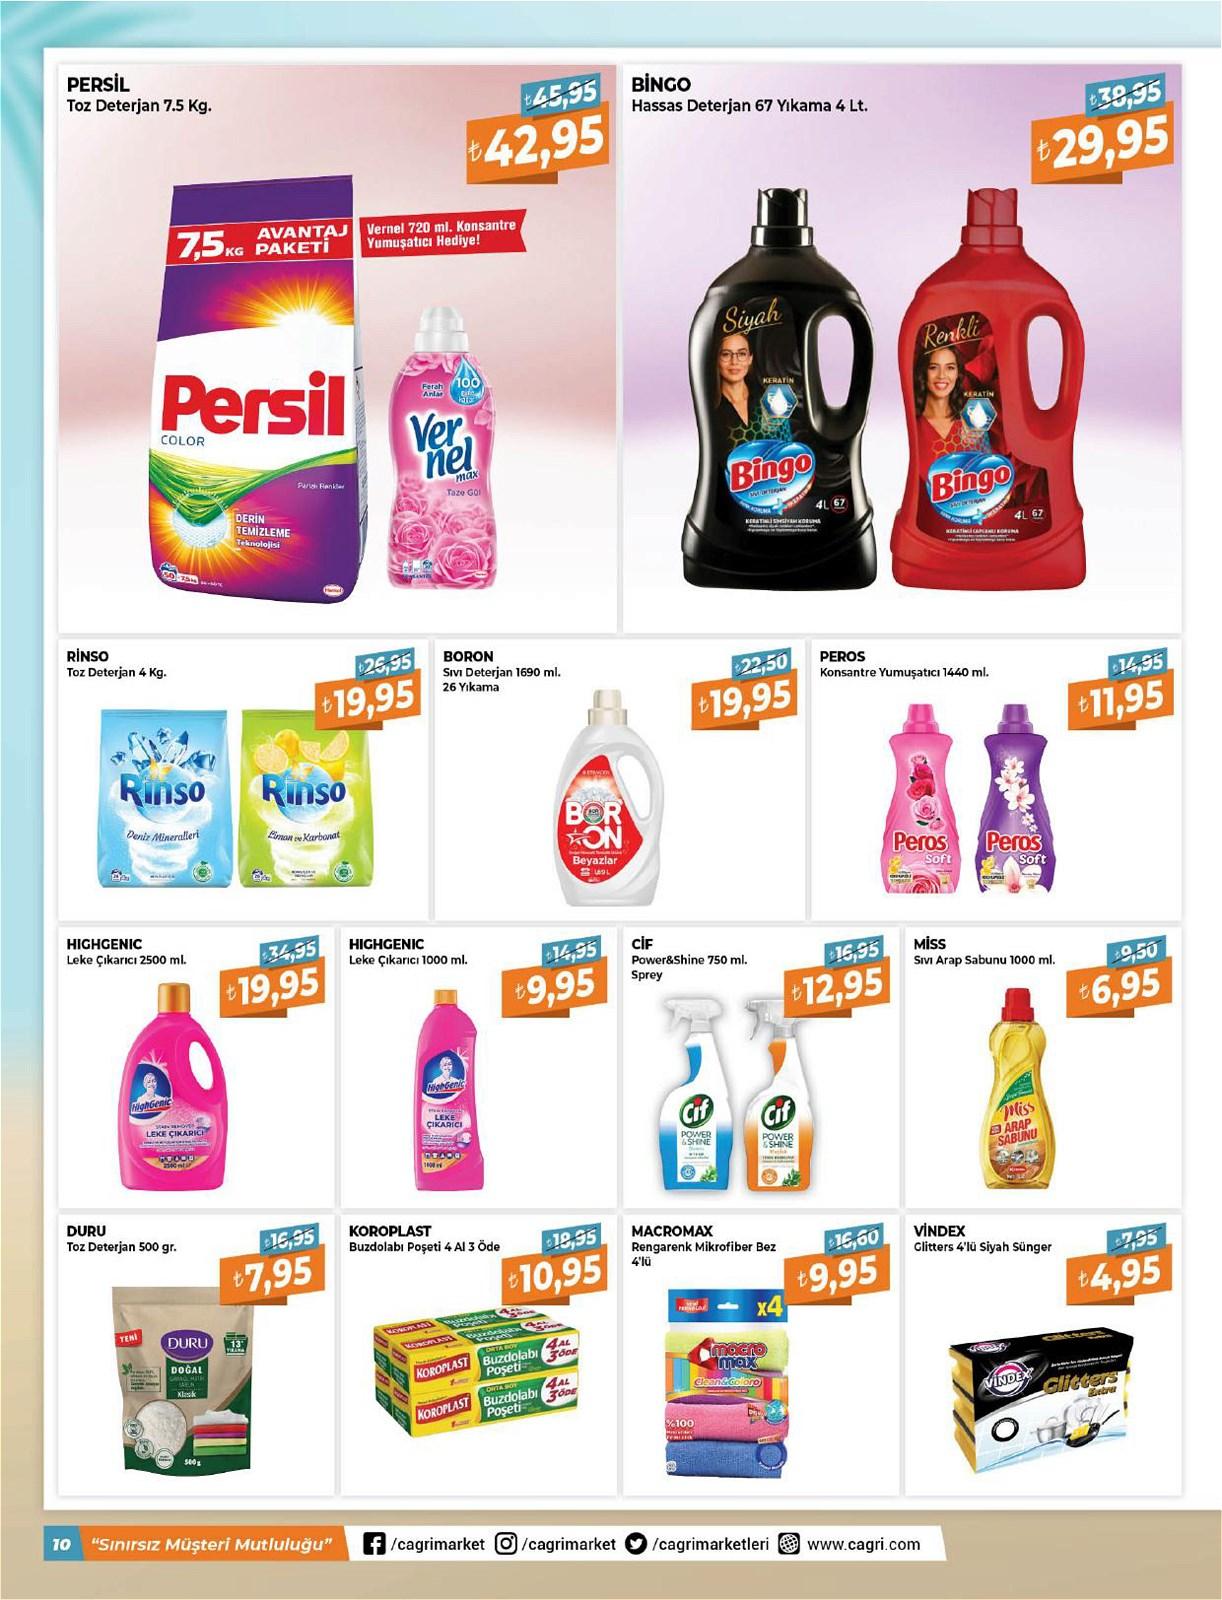 05.06.2021 Çağrı Hipermarket broşürü 10. sayfa